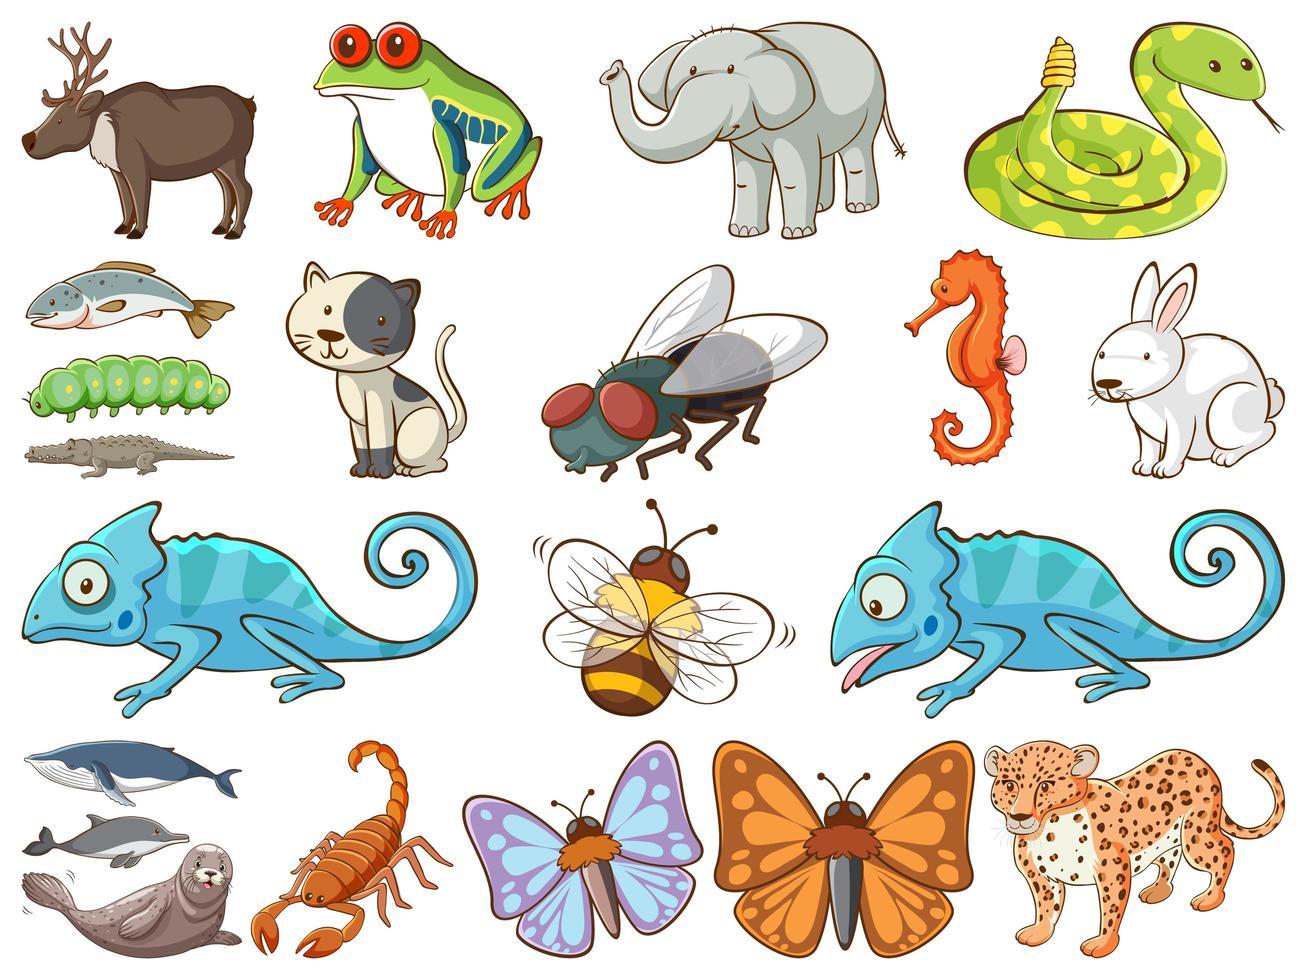 gran conjunto de vida silvestre con muchos tipos de animales. vector